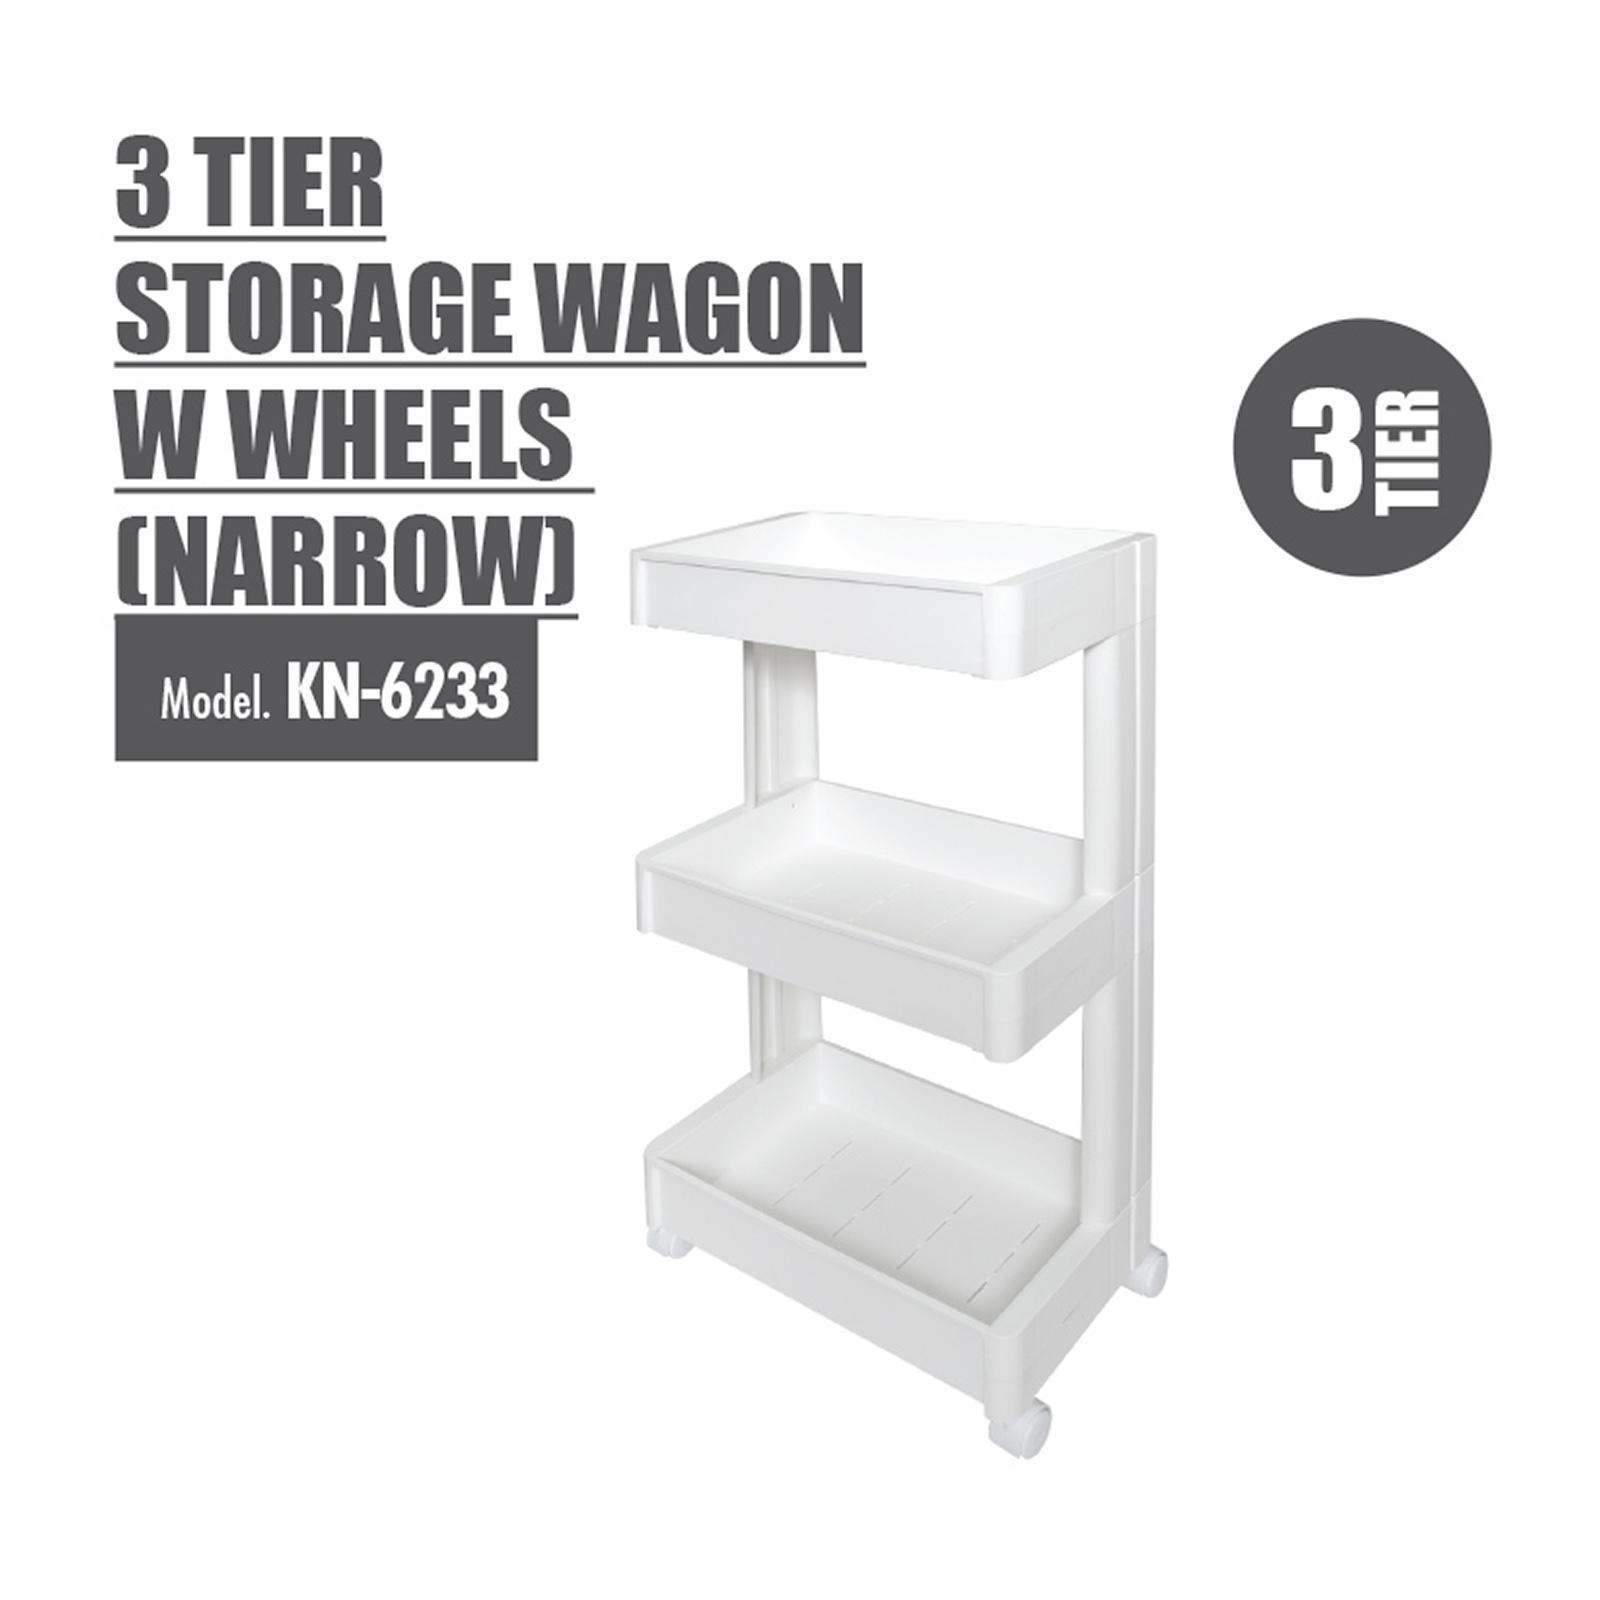 Houze 3 Tier Storage Wagon With Wheels - KN-6243-WHITE